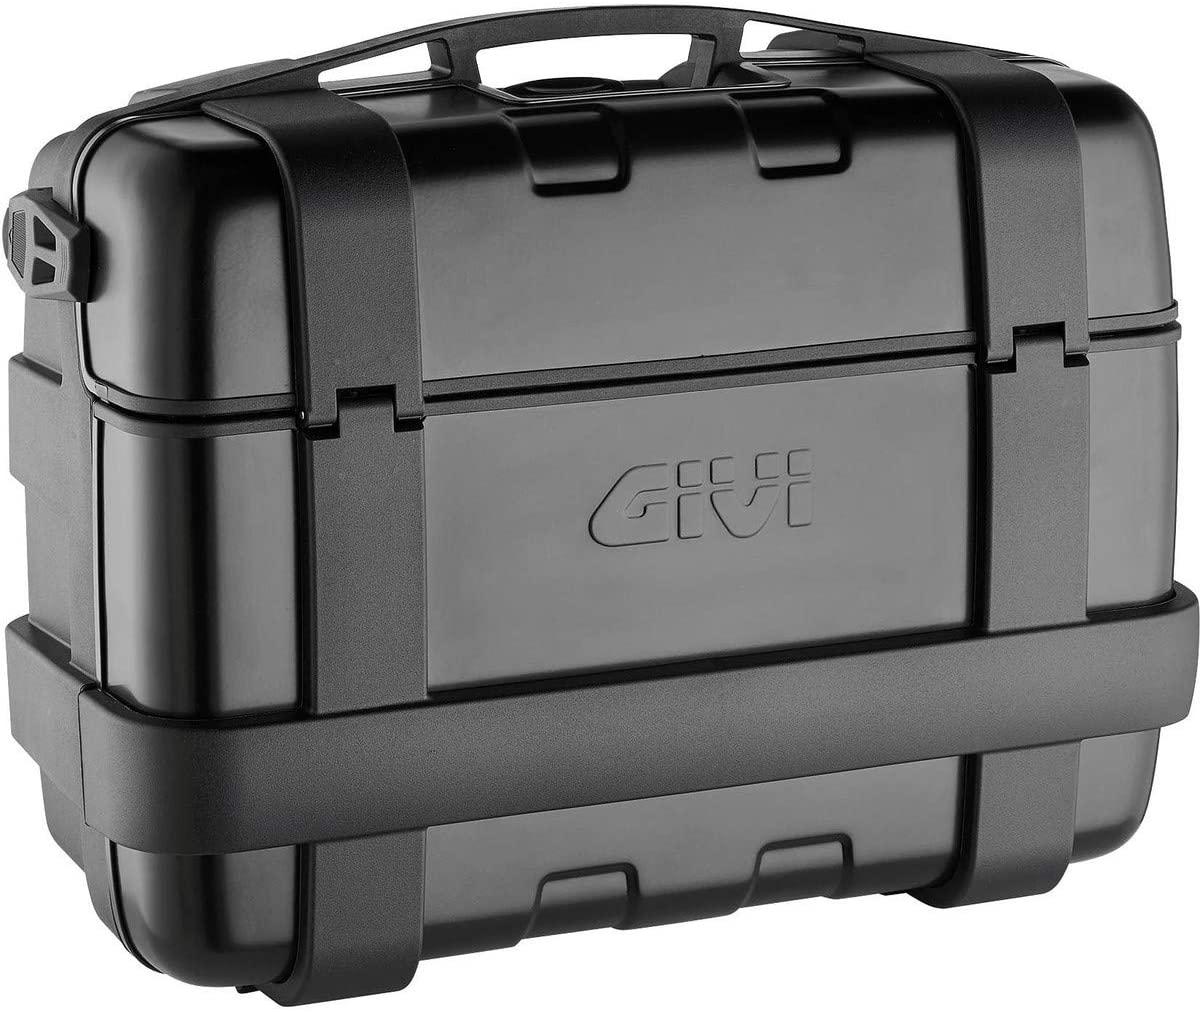 Givi T512 Inner Bag for Trekker Outback OBK58-54 Liter - Black